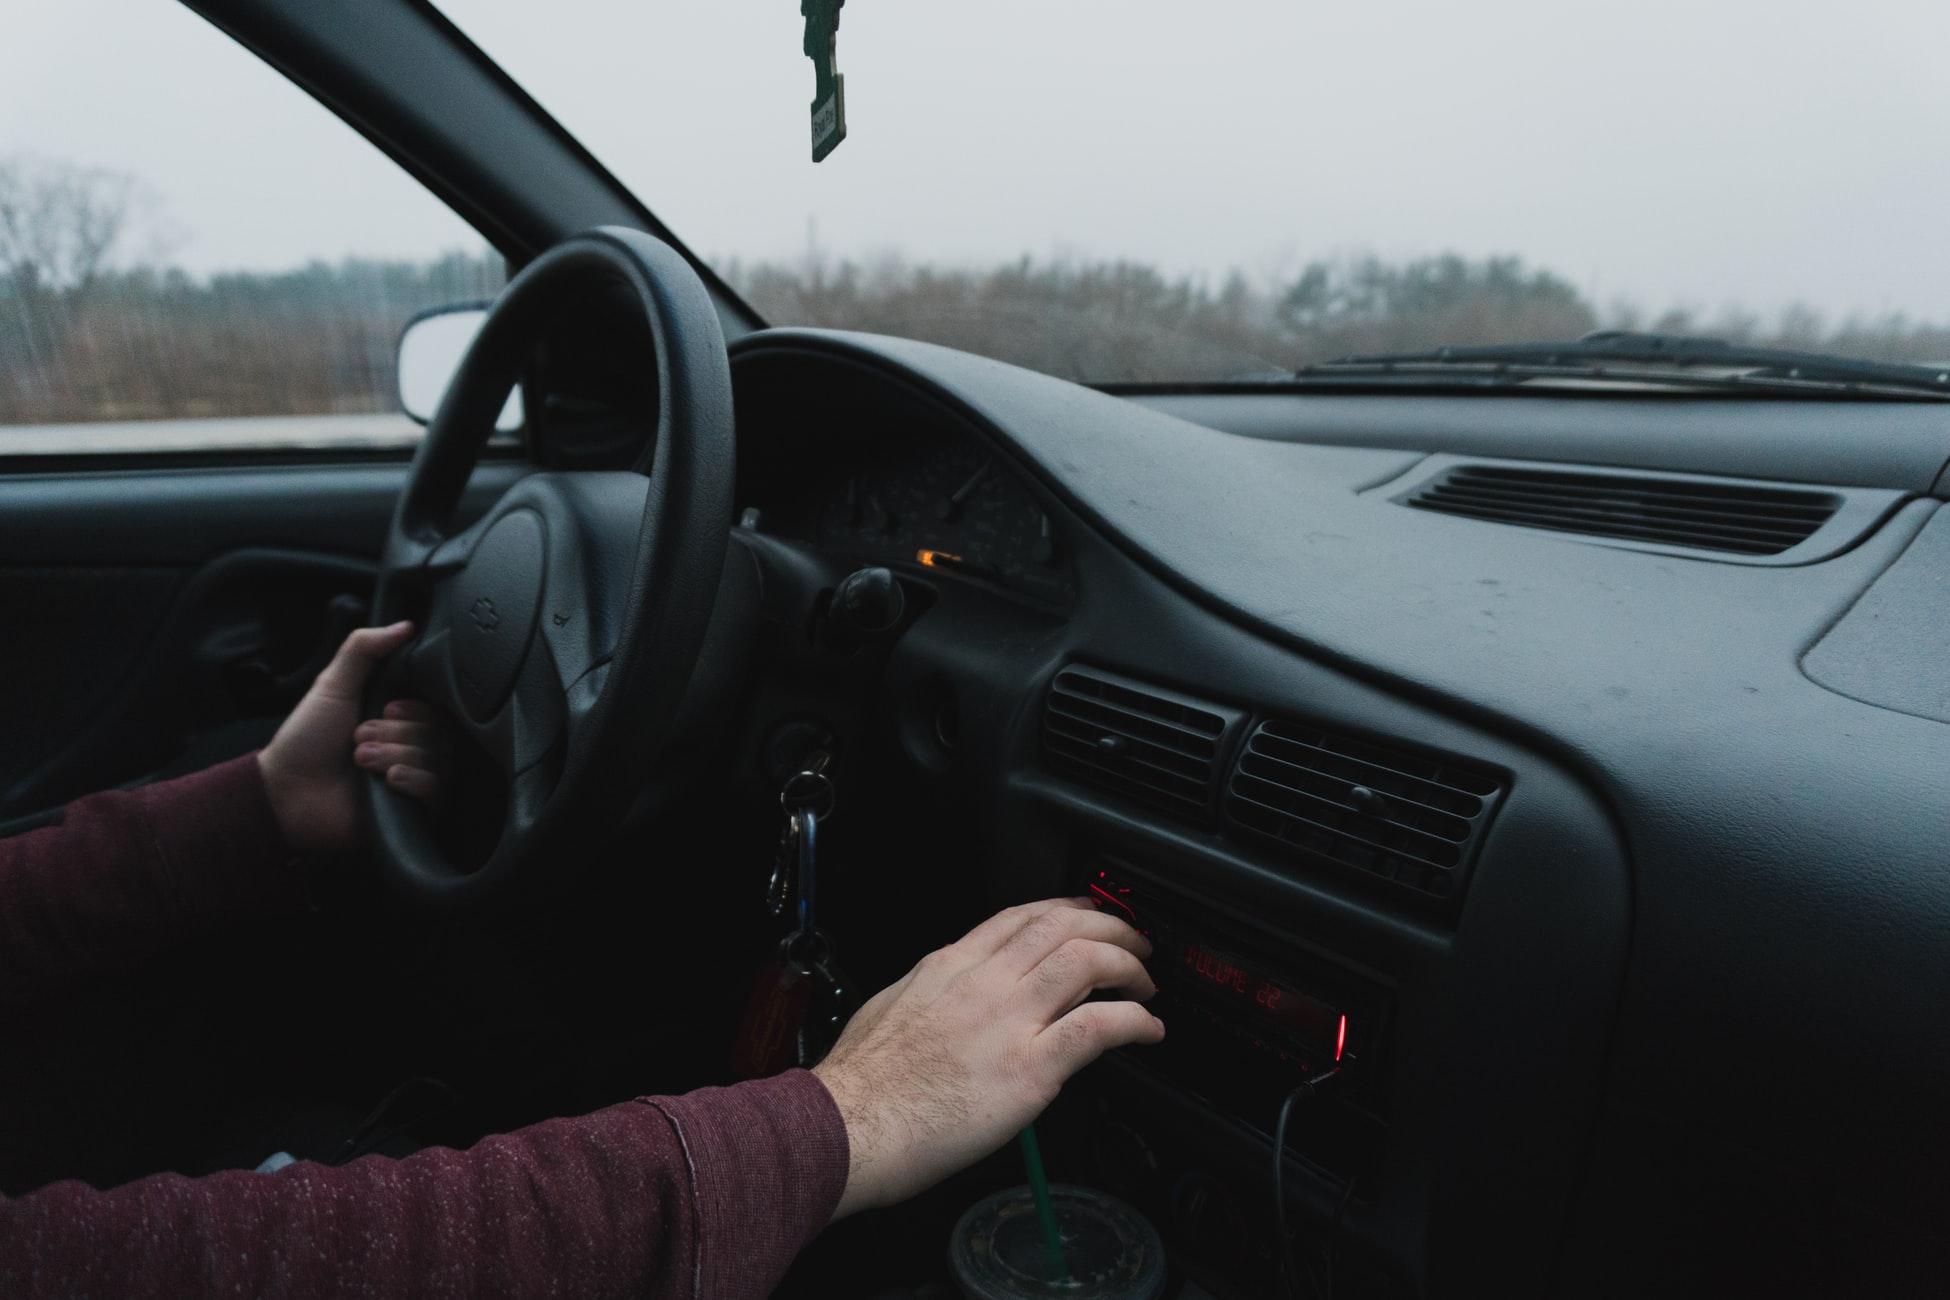 Probna vozačka – sve na jednom mestu u vezi ograničenja, zabrana, uslova, obaveza...